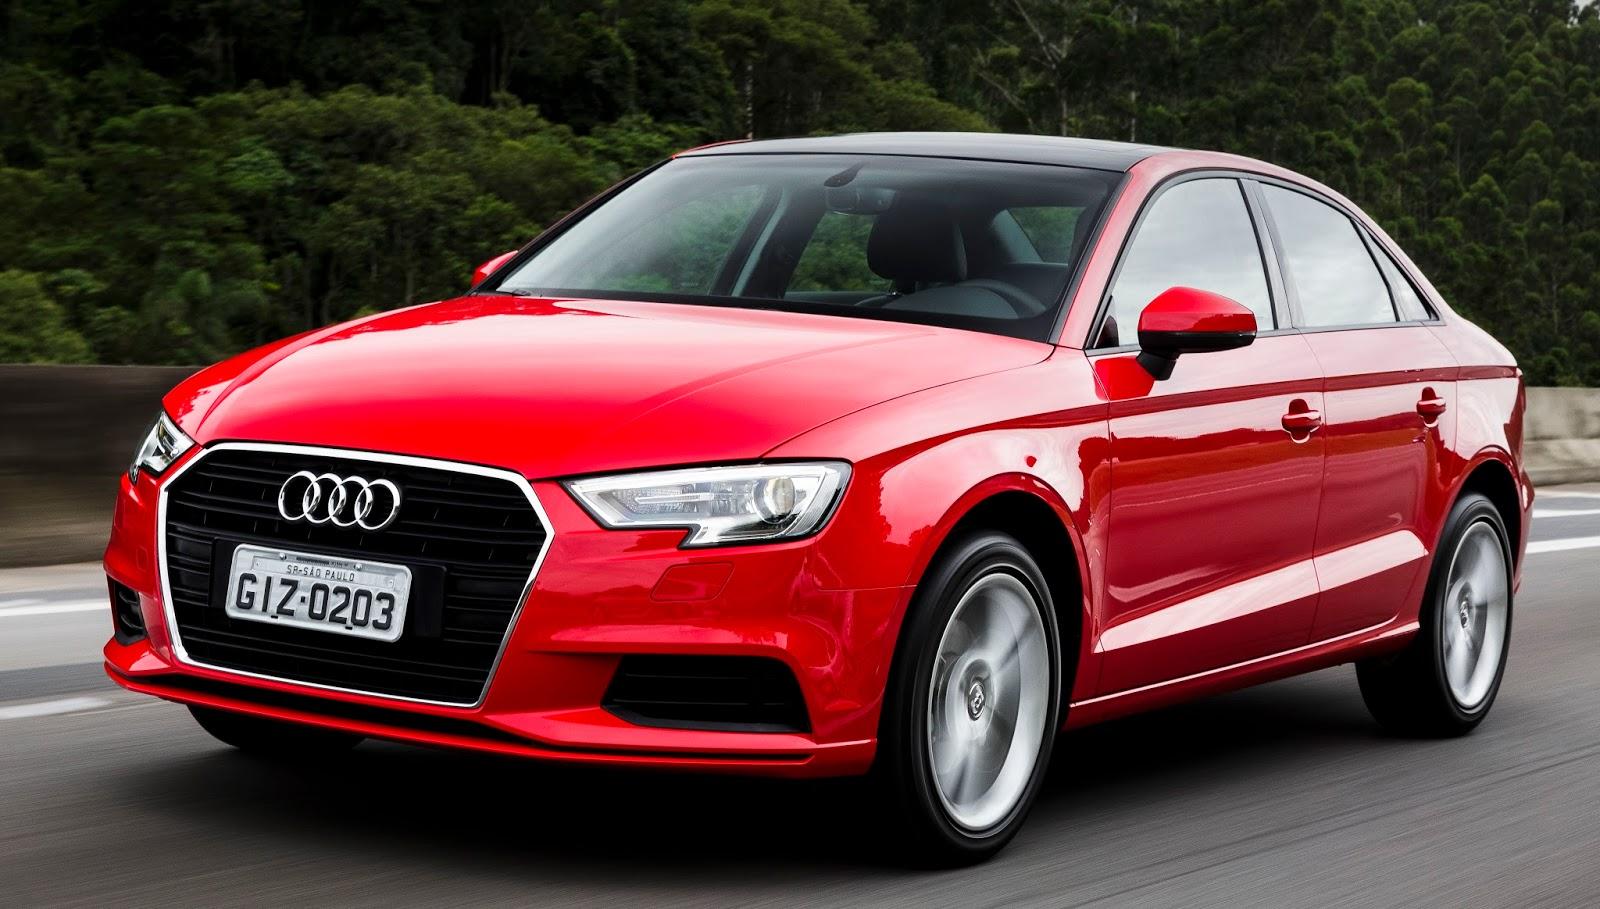 Ainda mais estiloso e tecnológico, Audi A3 Sedan 2017 chega ao Brasil